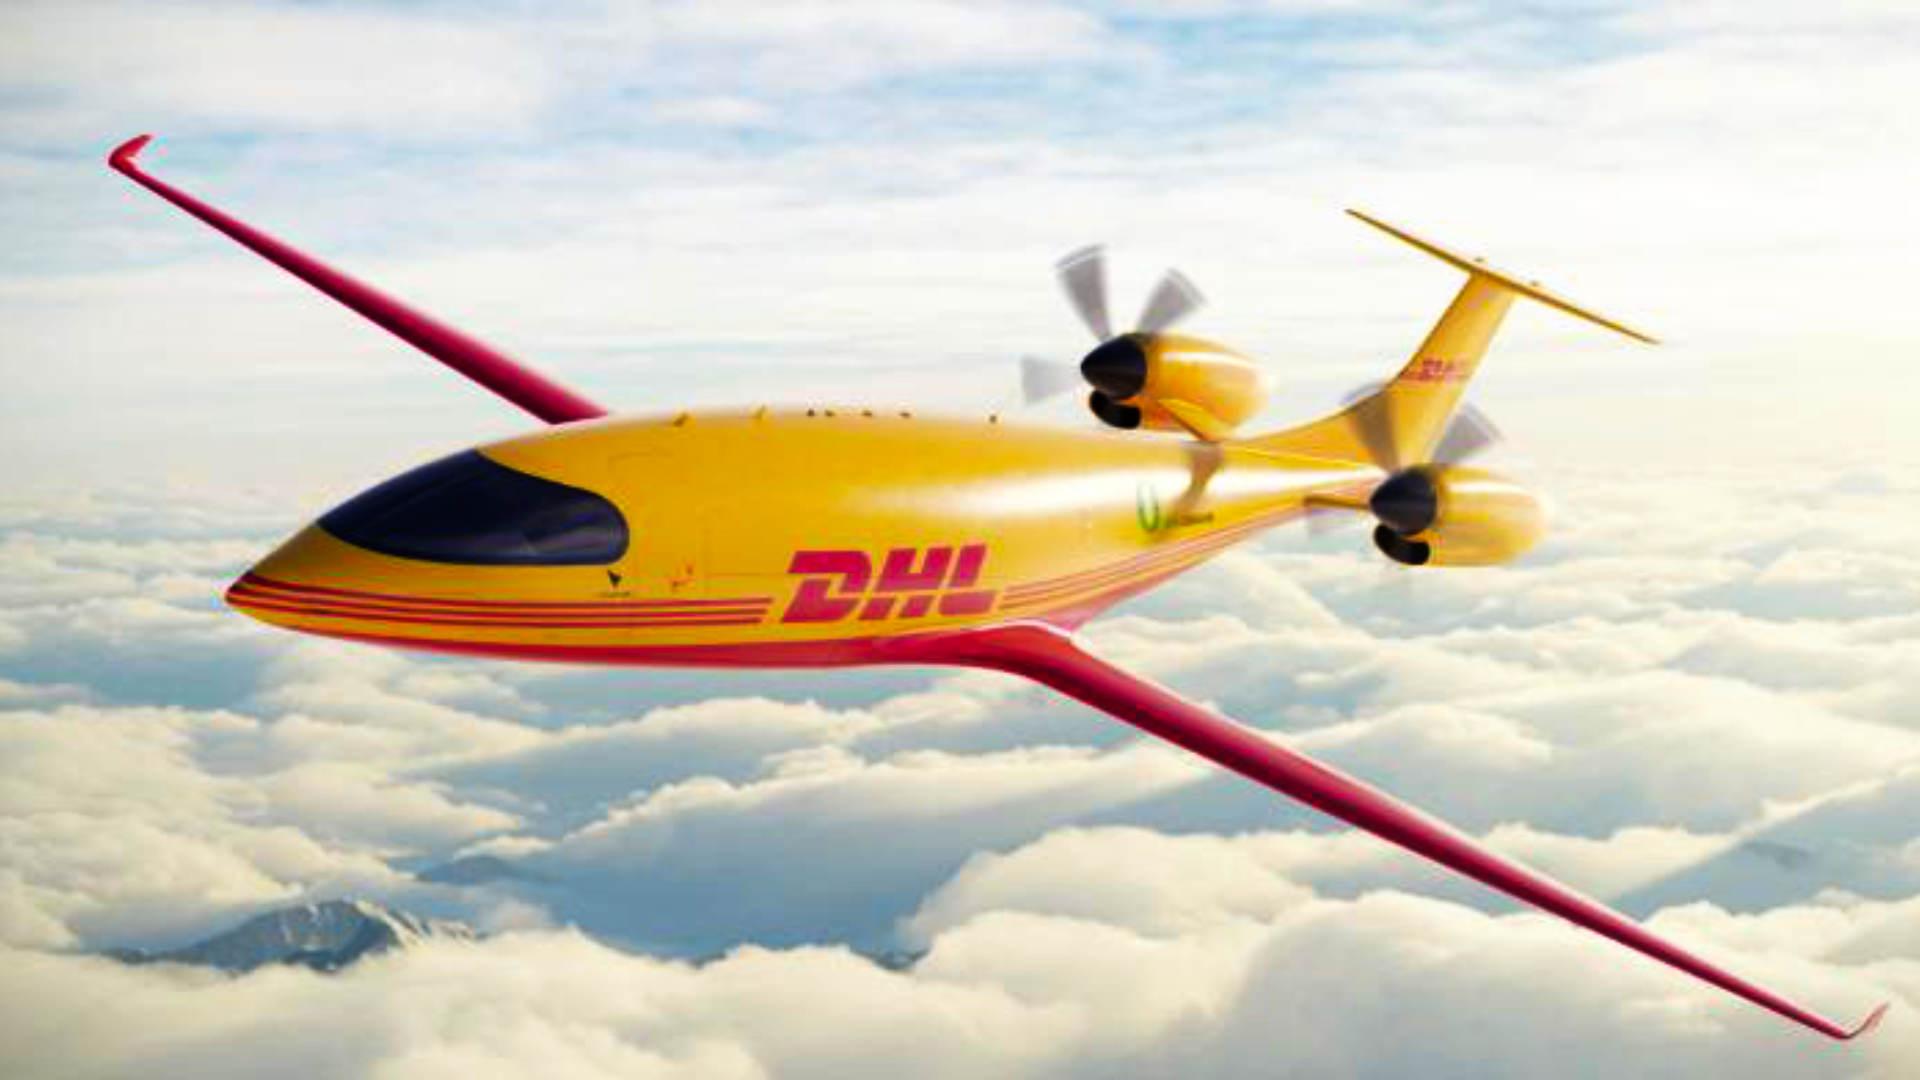 Les avions 100 % électriques prennent leur essor : peuvent-ils rendre l'aérien écolo ?